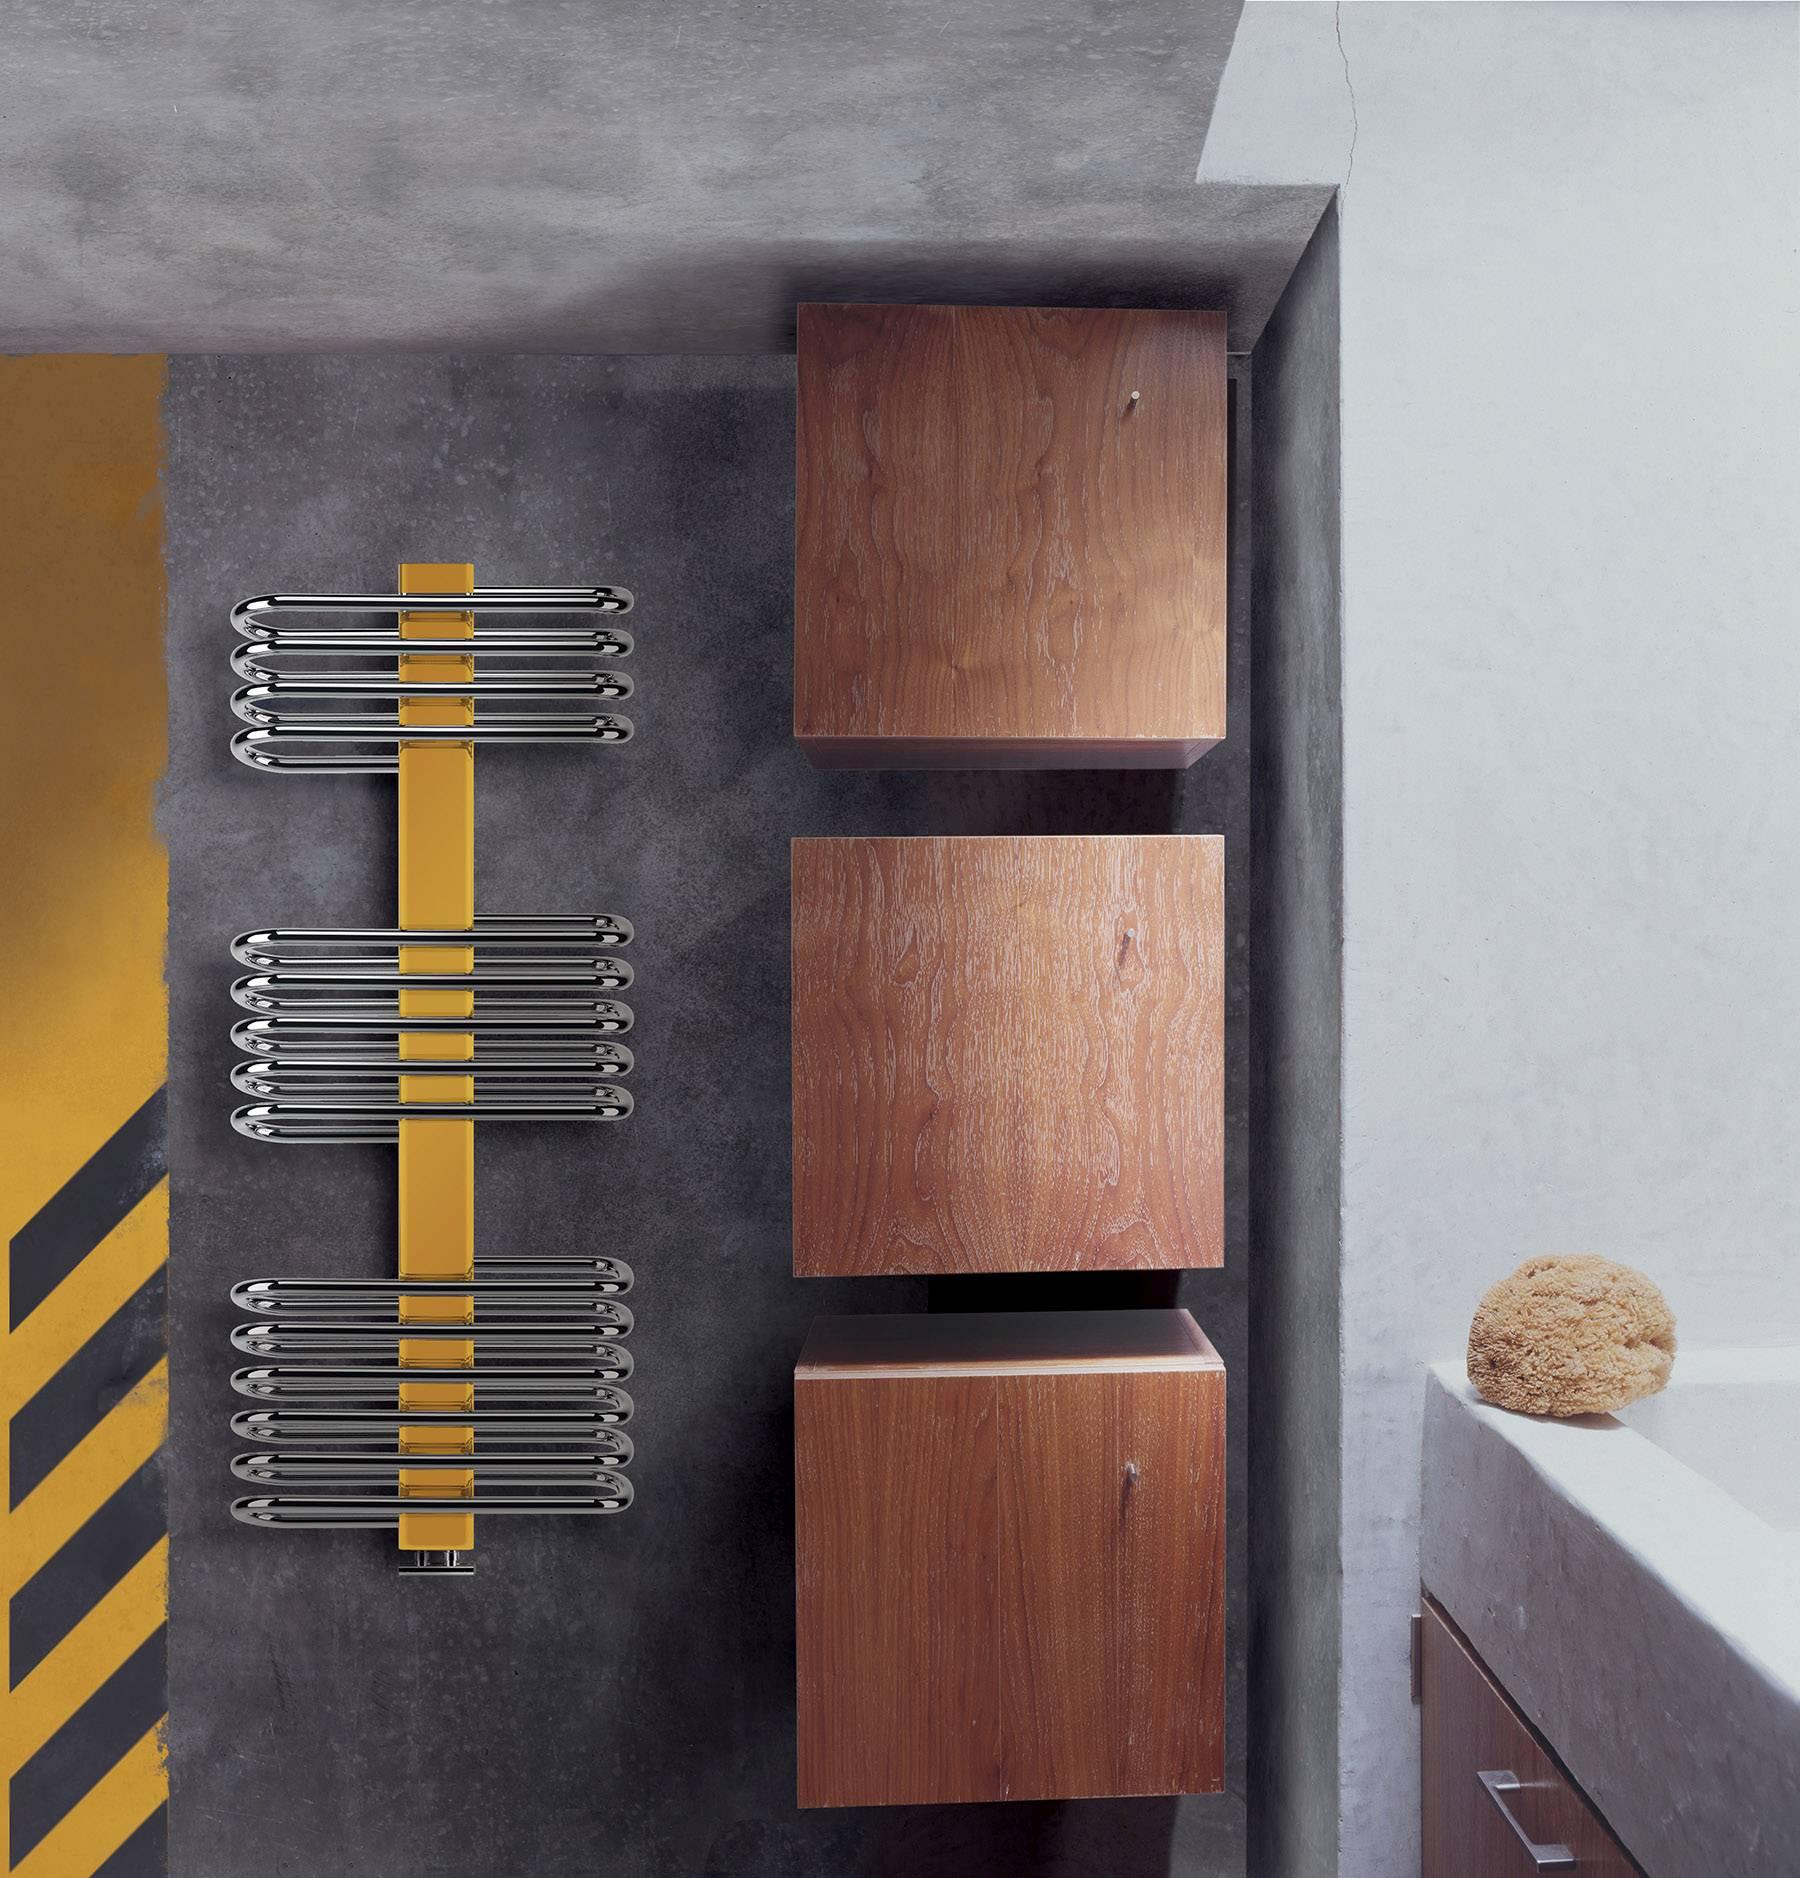 Sèche-serviettes Siena lazzarini cover coloré jaune